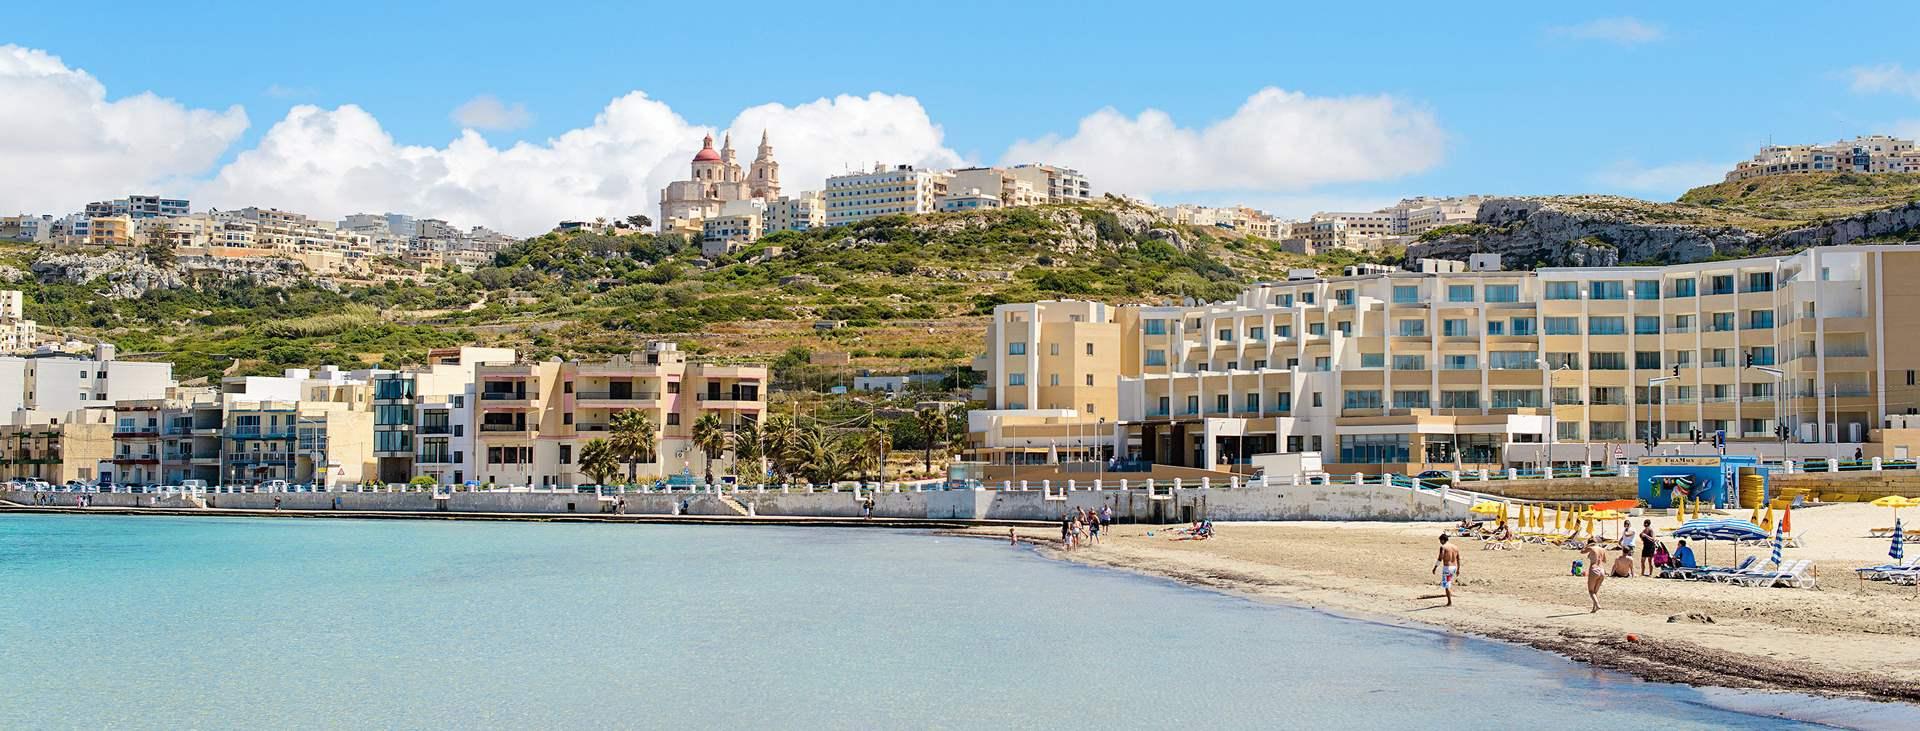 Resor till Mellieha på Malta med Ving